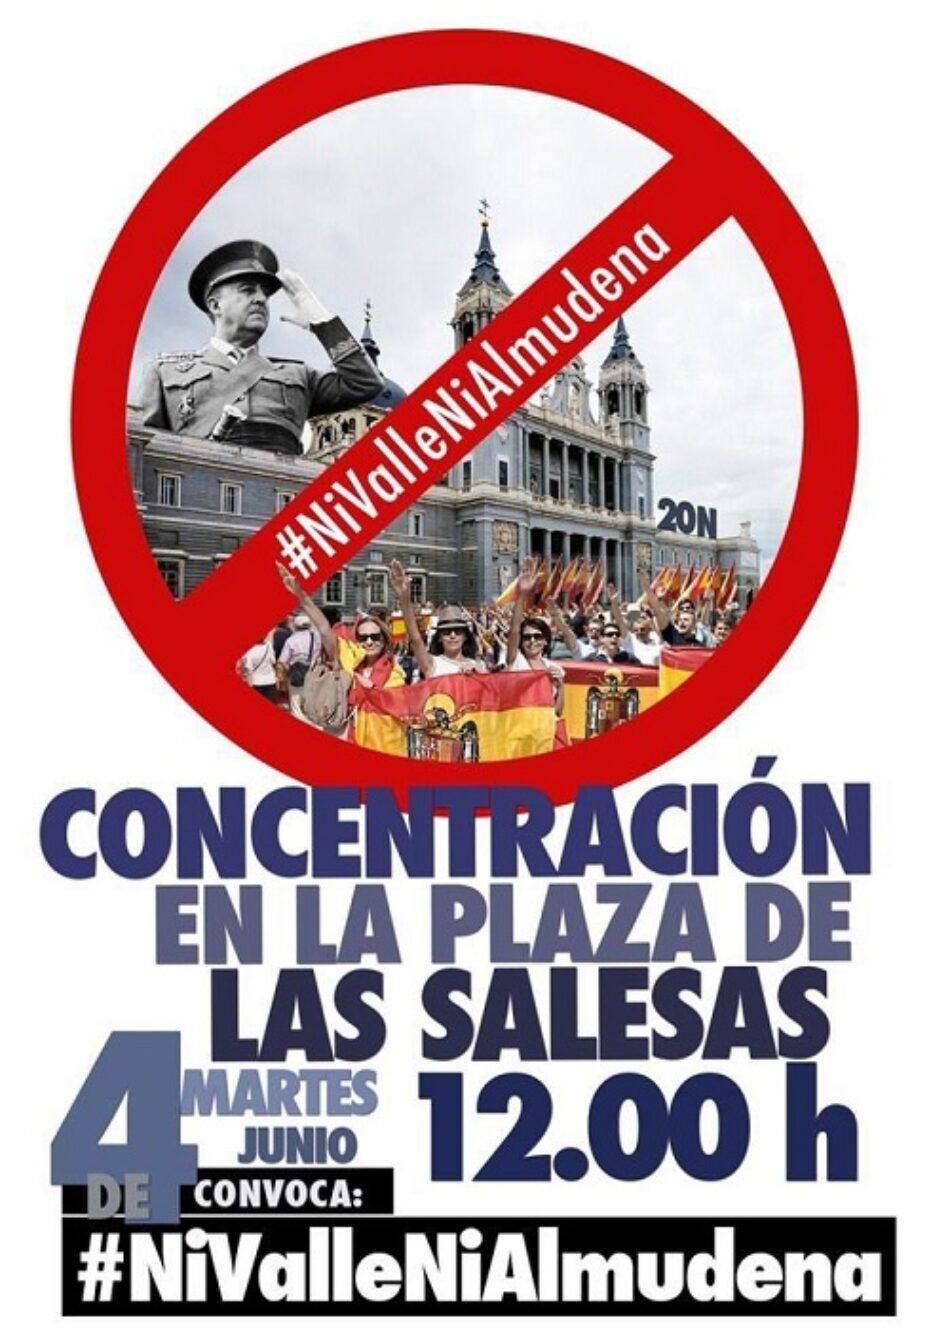 La Plataforma 'Ni Valle ni Almudena' convoca concentración hoy frente al Tribunal Supremo para exigir la exhumación inmediata de Franco